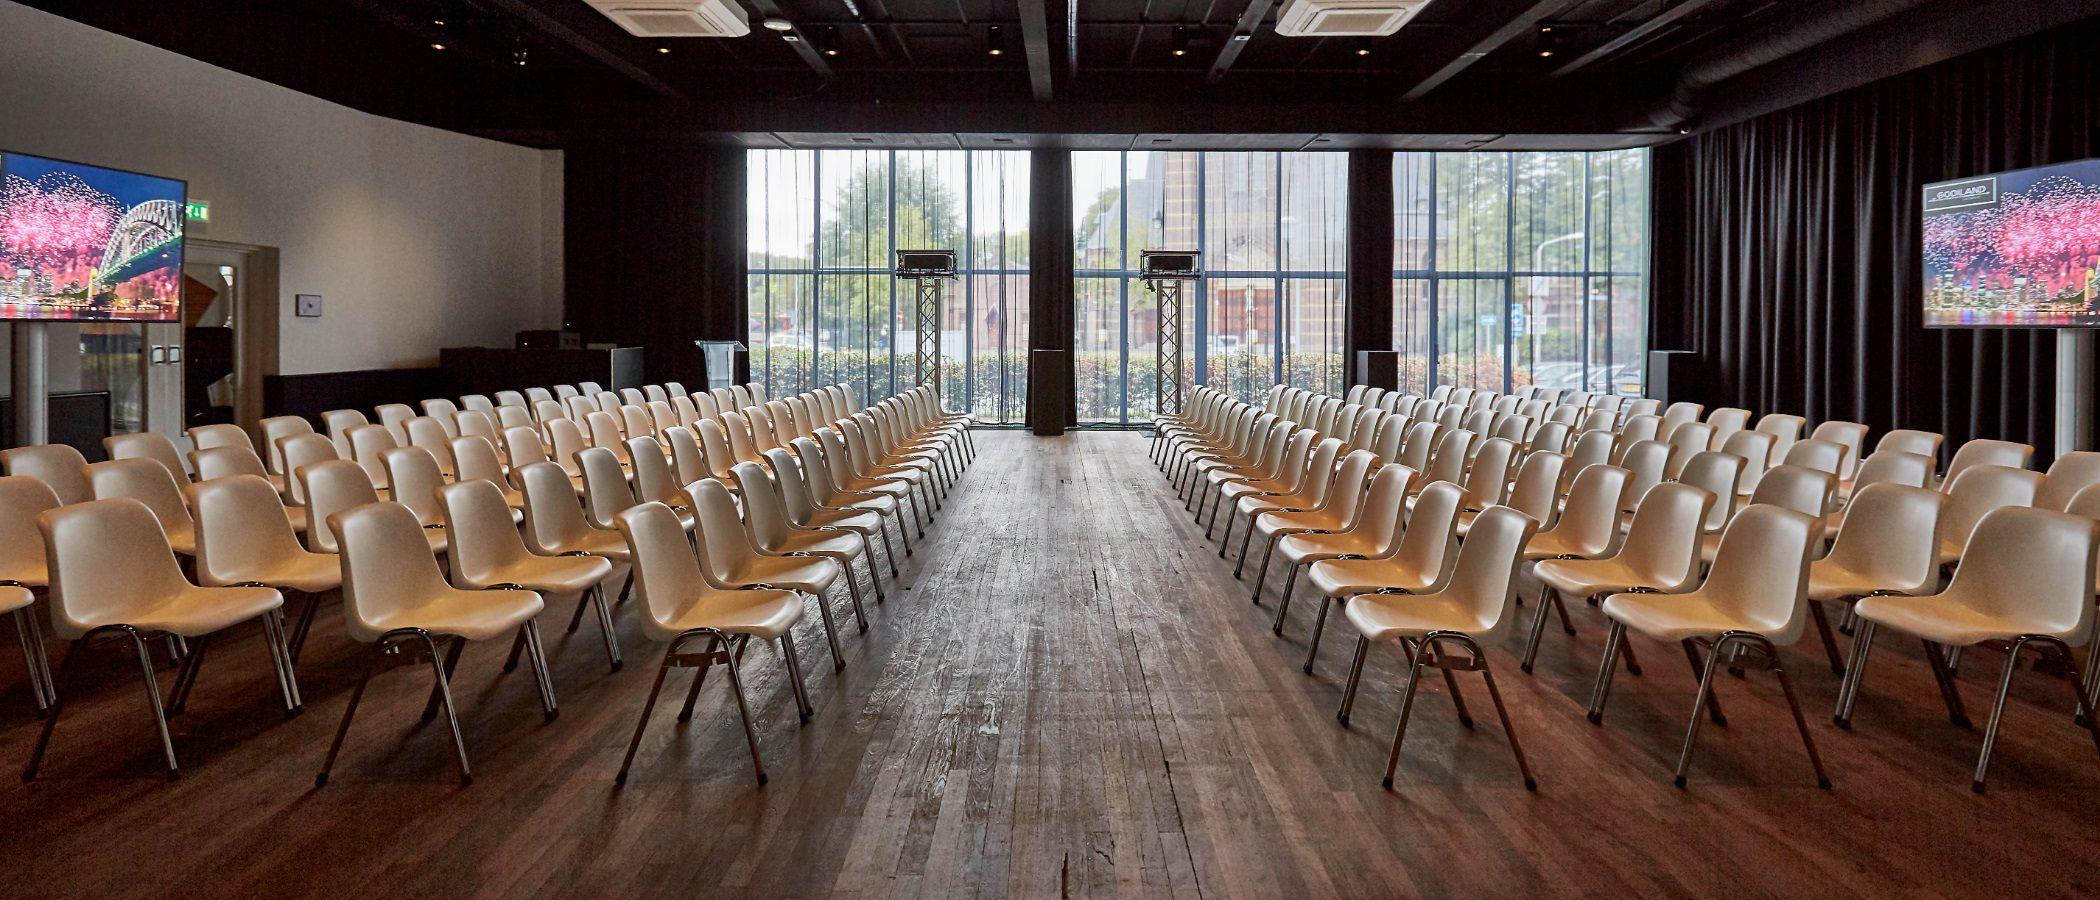 Cineac ruimte bij Gooiland evenementenlocatie